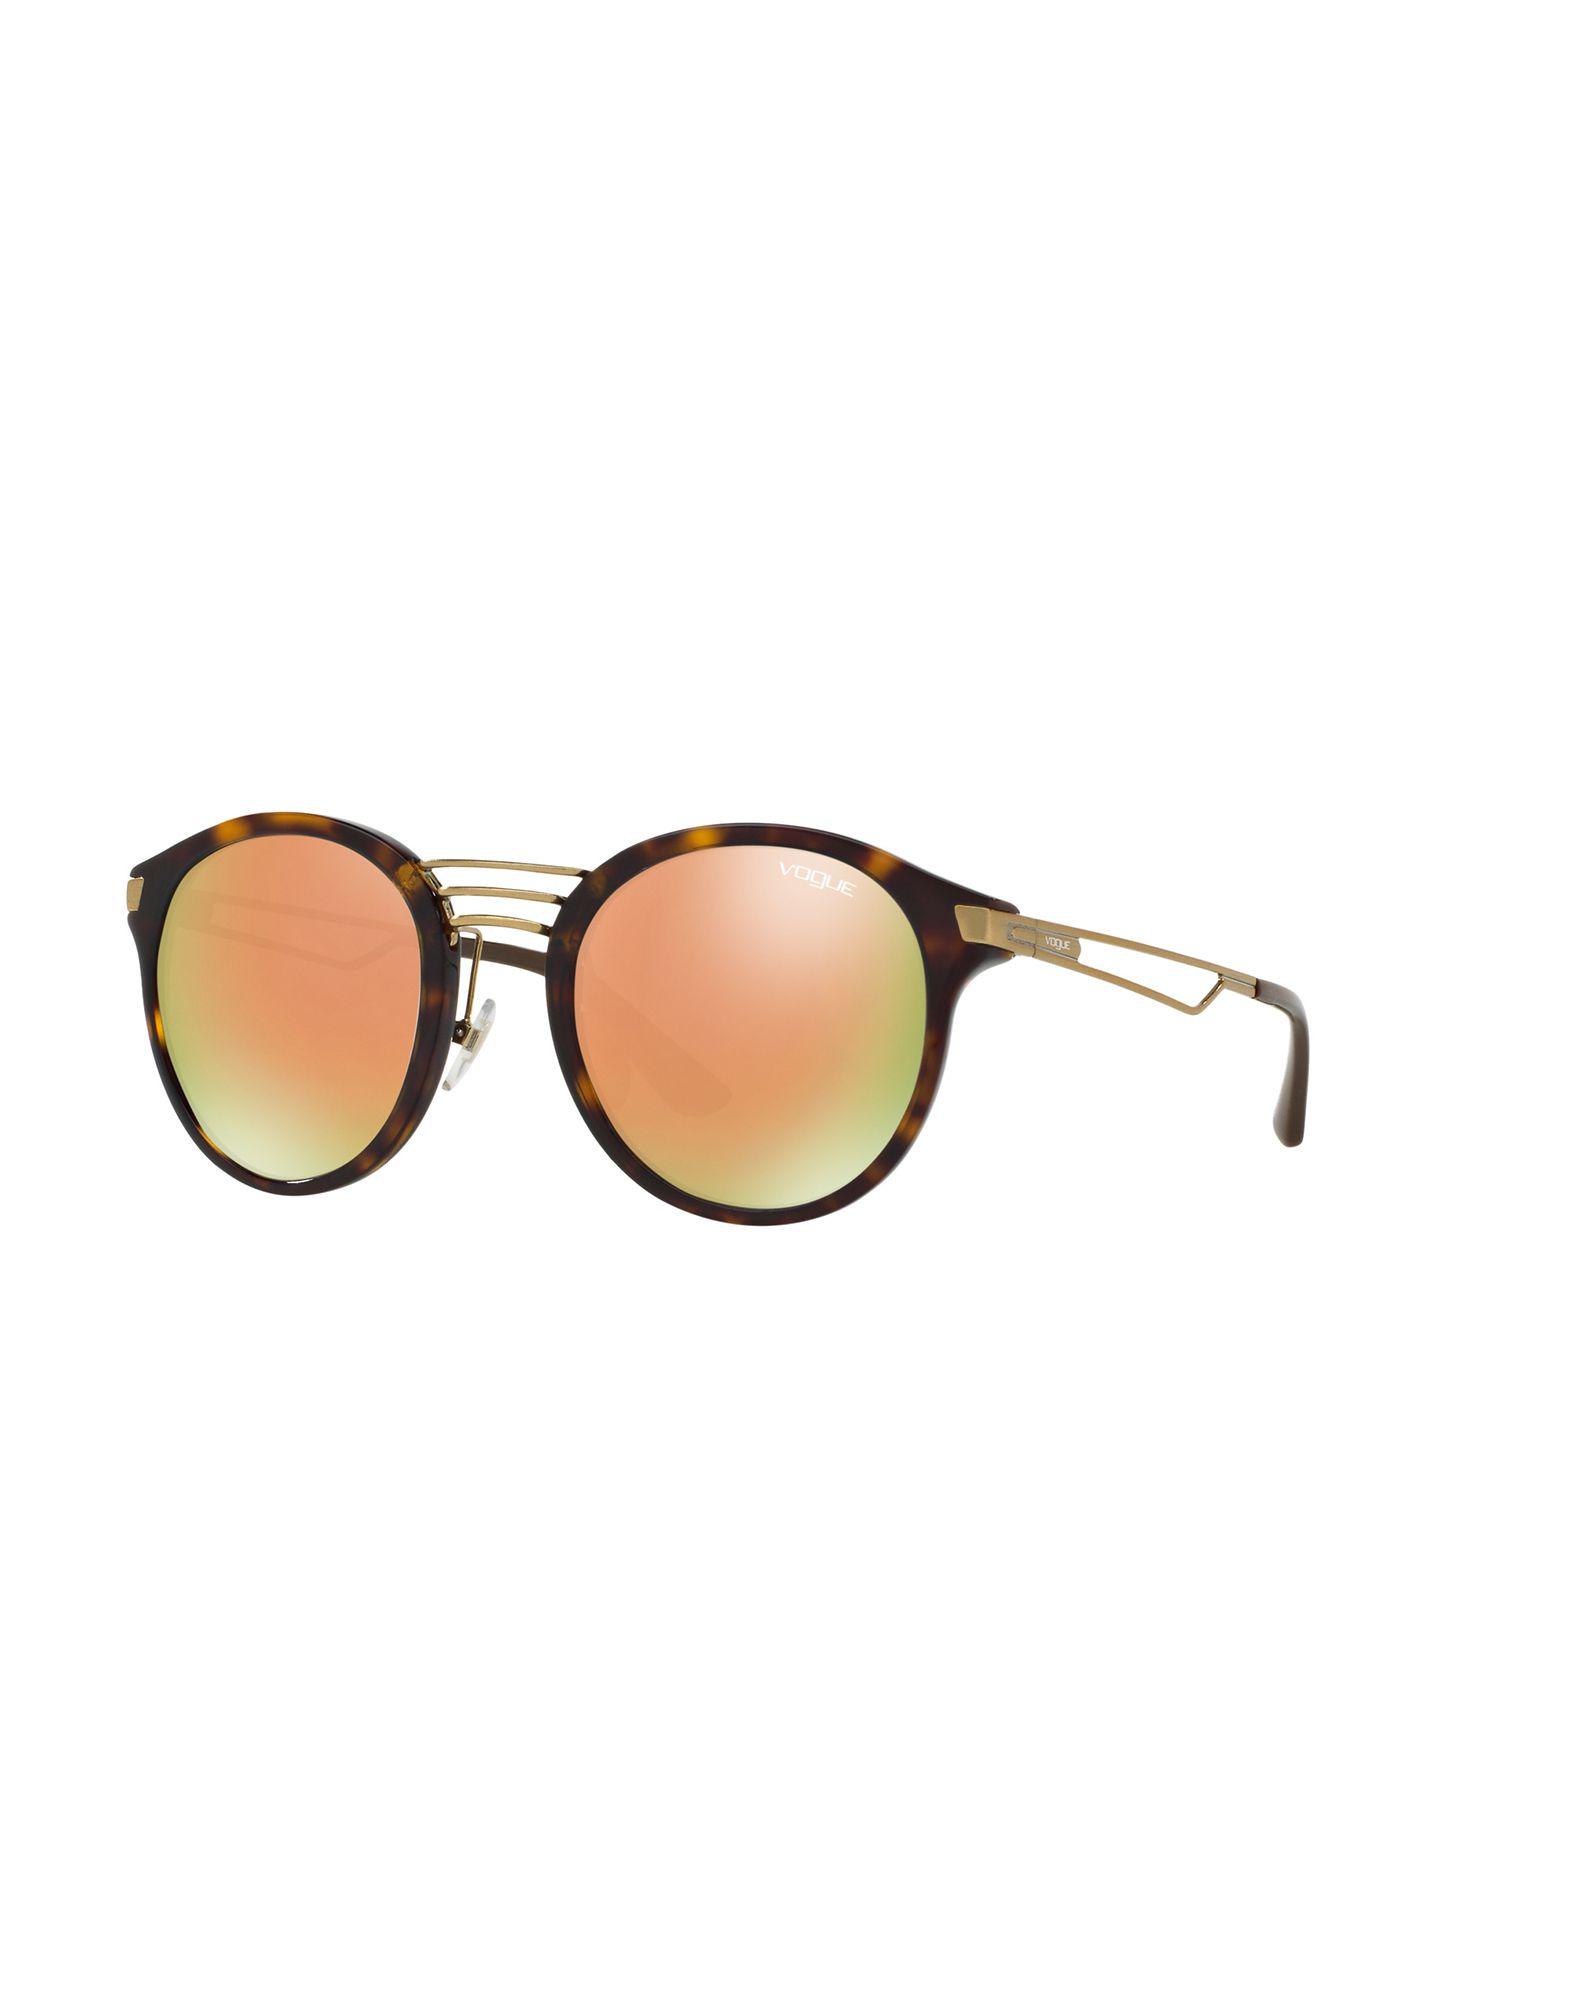 Occhiali Da Sole Vogue Vo5132s - Donna - Acquista online su